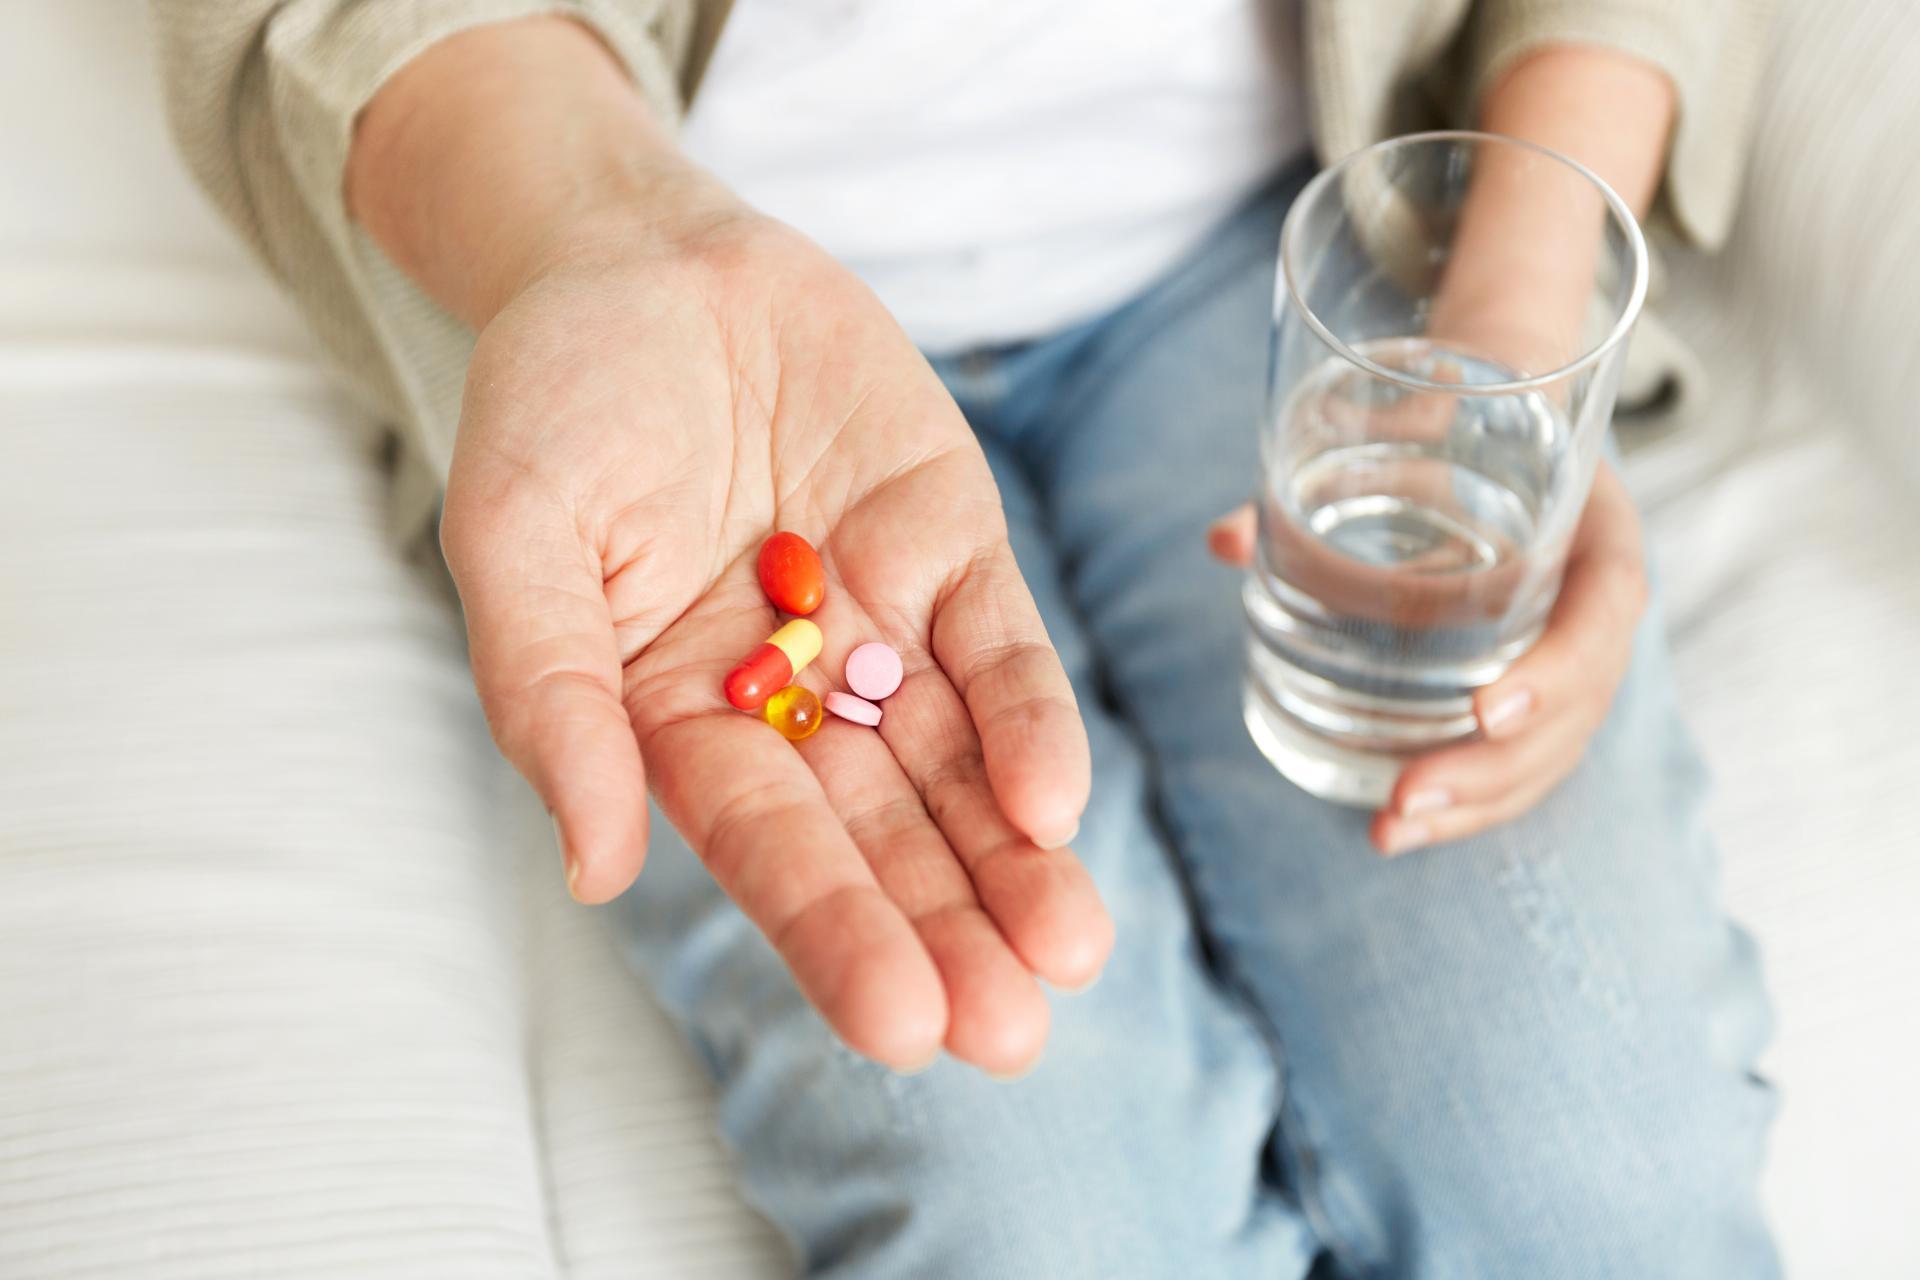 lijekovi za visoki krvni tlak nije